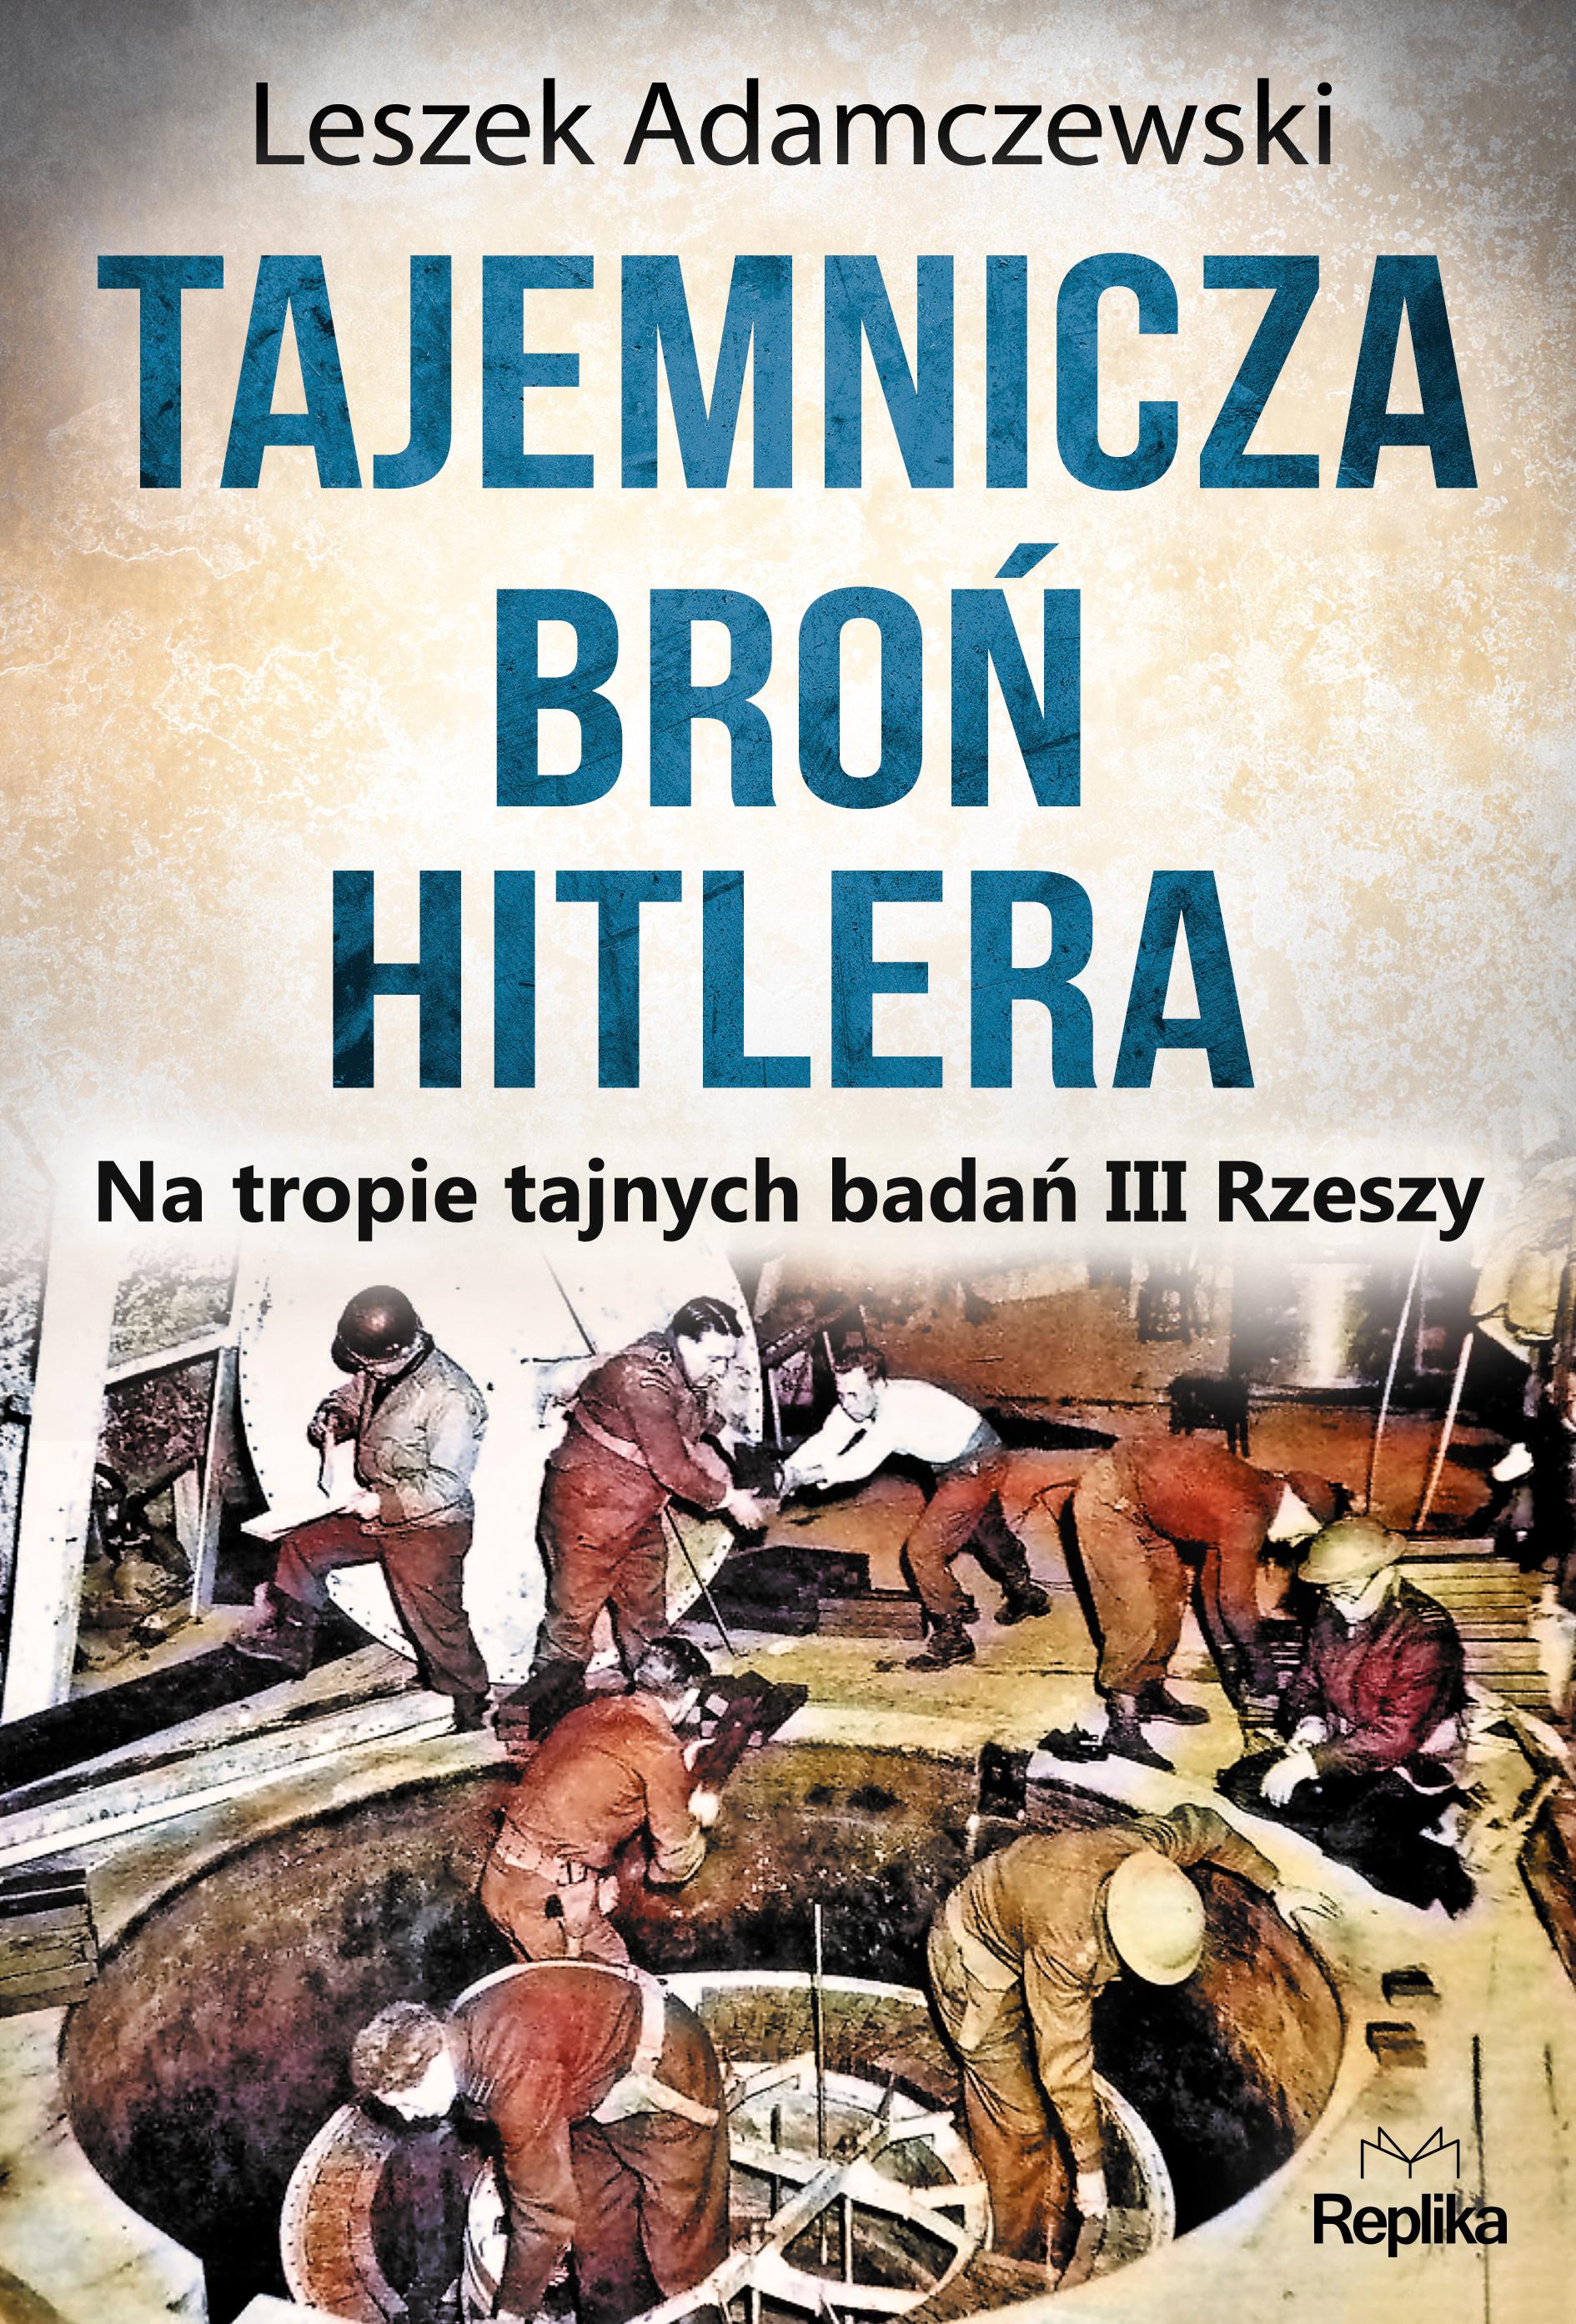 Tajemnicza broń Hitlera na tropie tajnych badań iii rzeszy